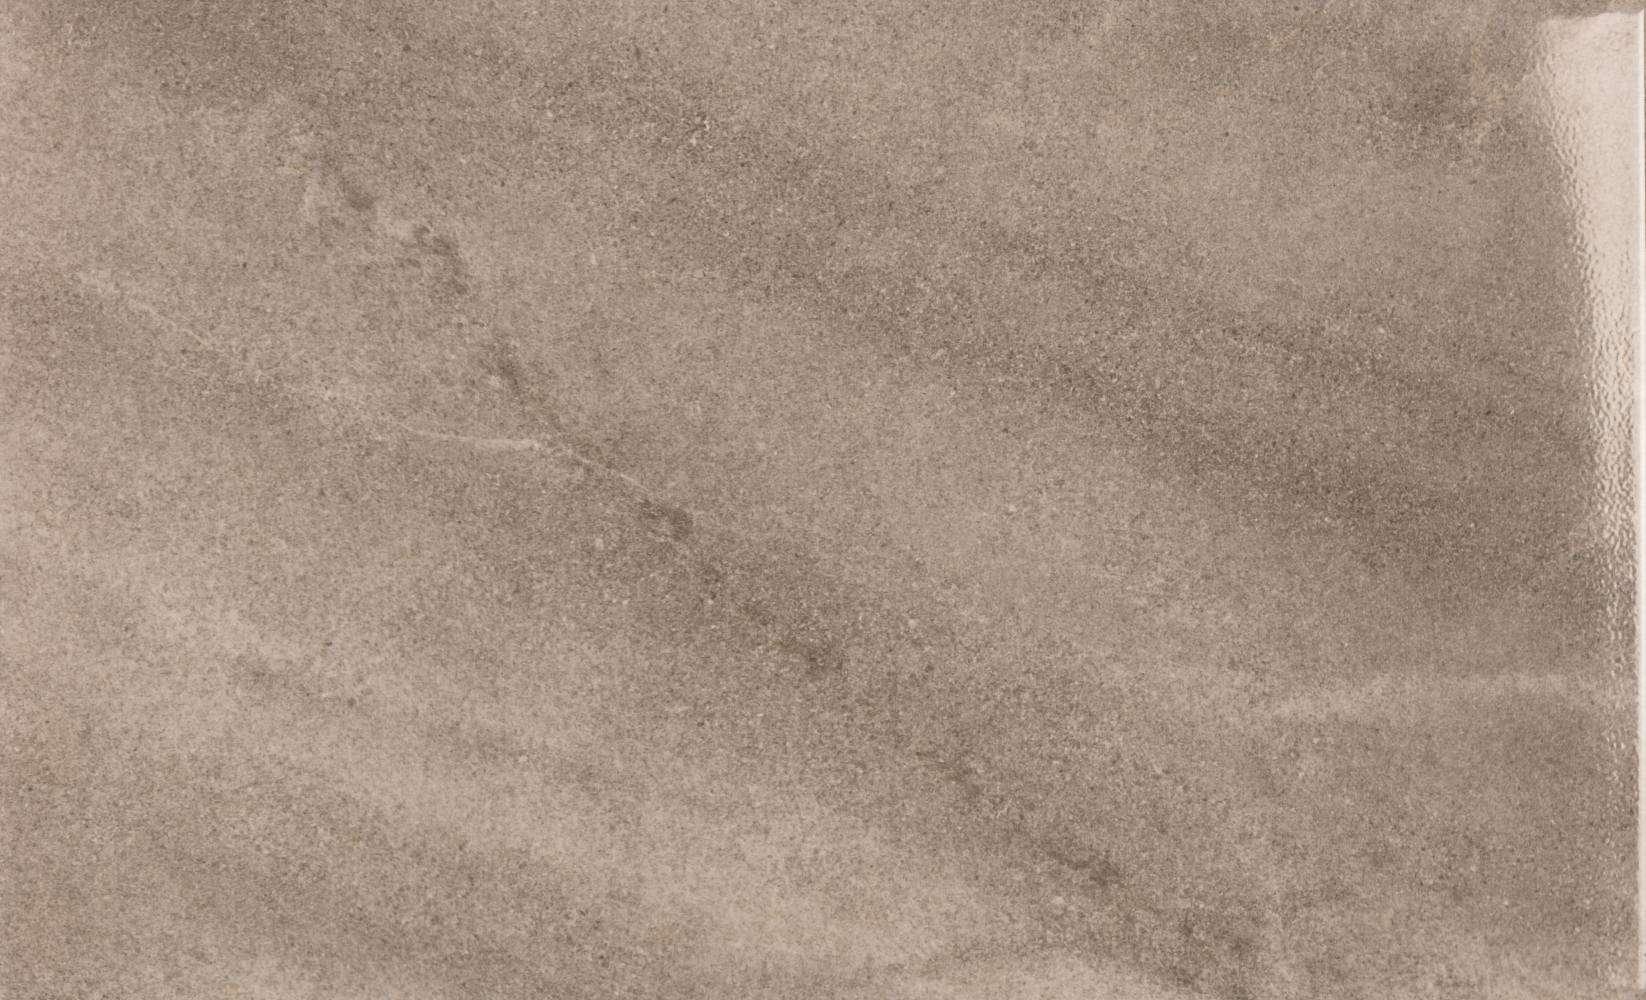 Faianță pentru baie Ecoceramic Origami Gris 333x550 lucioasă gri / 10